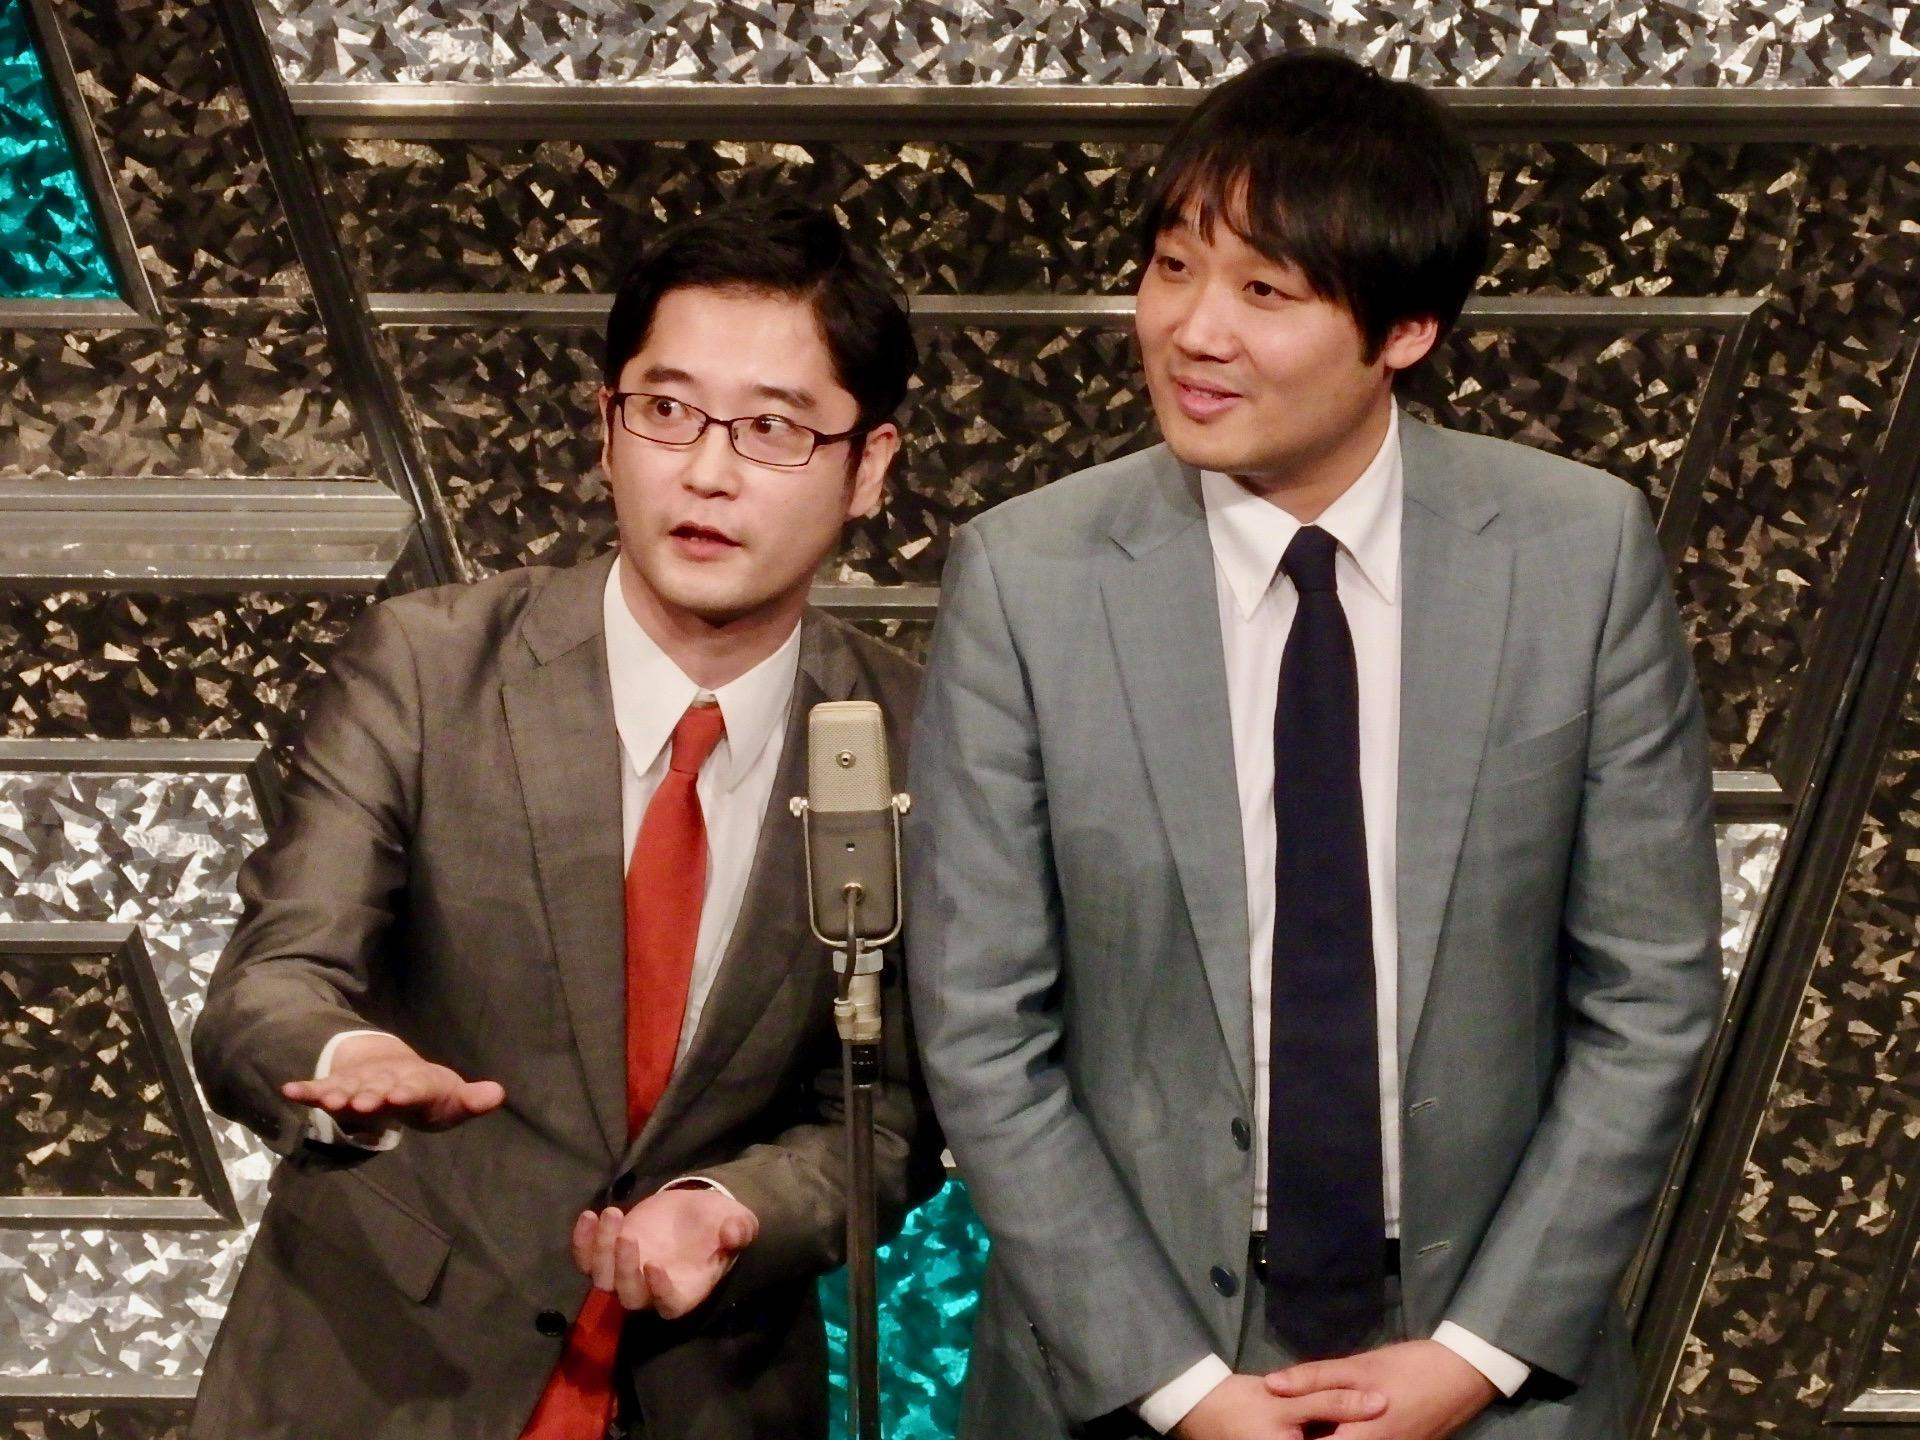 http://news.yoshimoto.co.jp/20180312201618-1c414e8b6951e23570d76325dd826e36a2fc6abd.jpg